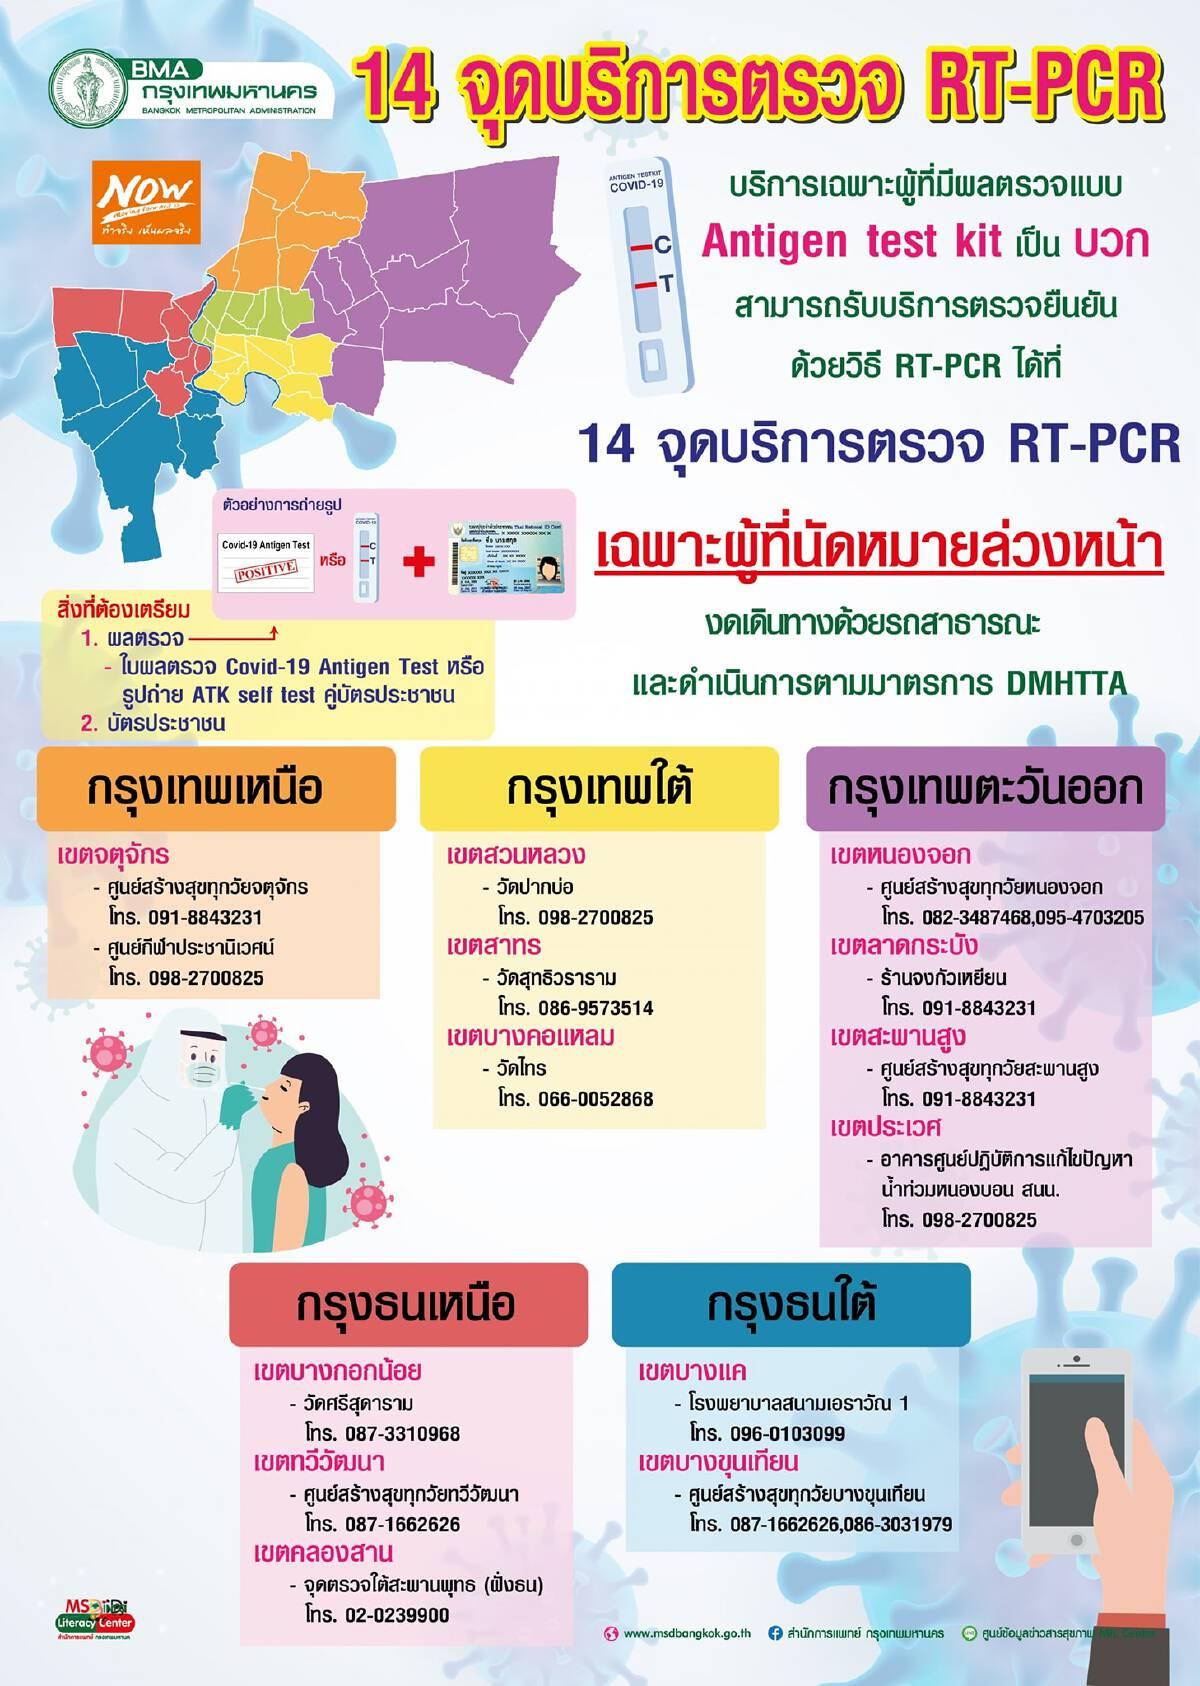 กทมจัดจุดตรวจ RT-PCR ทั้ง 14 แห่ง